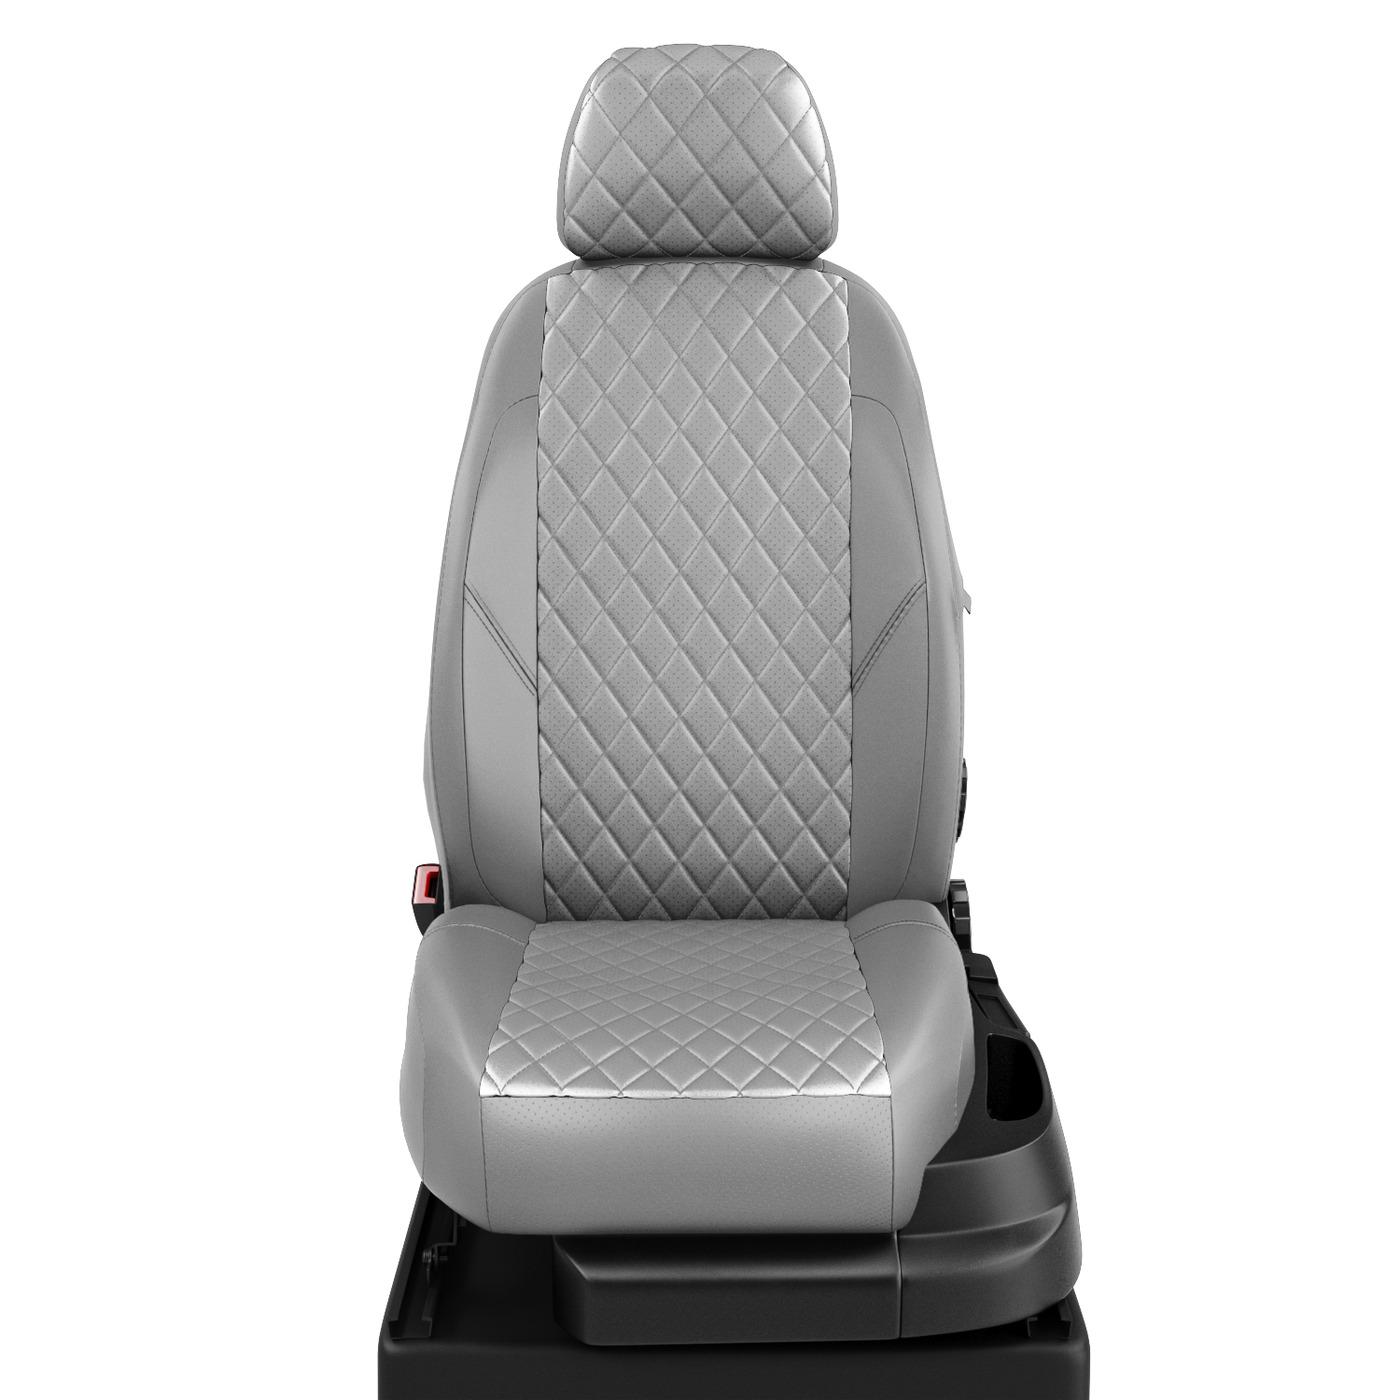 Авточехлы для Mercedes Benz B-classe W 246 с 2011-н.в. хэтчбек Задняя спинка 40 на 60 (без заднего подлокотника), сиденье единое, 5 подголовников. Задний средний и водительские подголовники не снимаются. (Мерседес Бенз Б-класс).